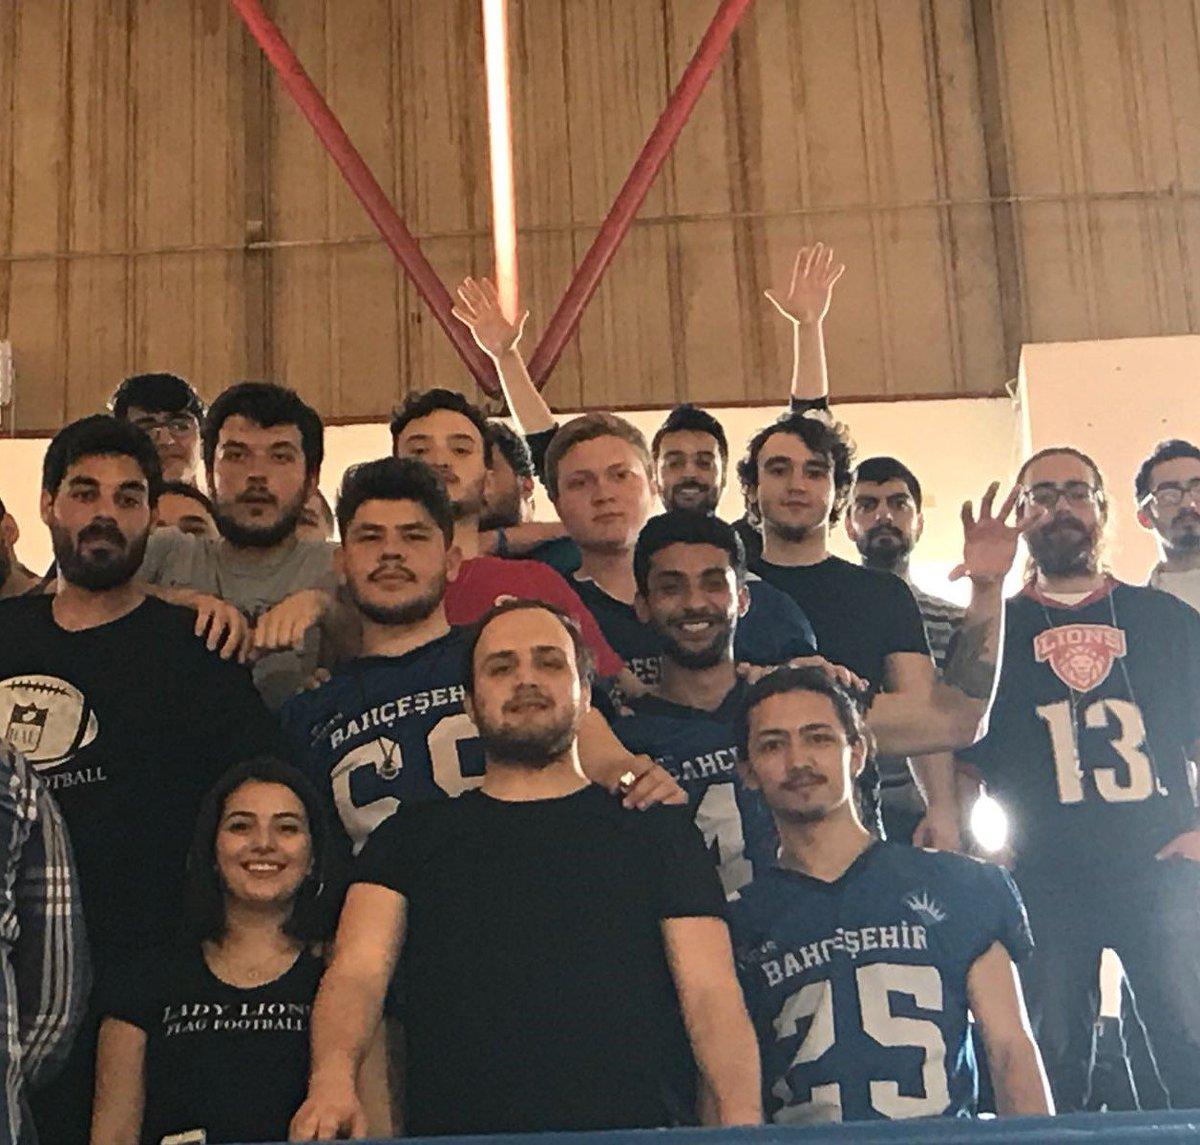 Öğrenci Dekanlığı olarak kulüplerimizle birlikte Red Dragons'a tam destek için Caferağa'dayız !!  @BKBasketbol  Sizlere güvenimiz tam!  @EnverYucel